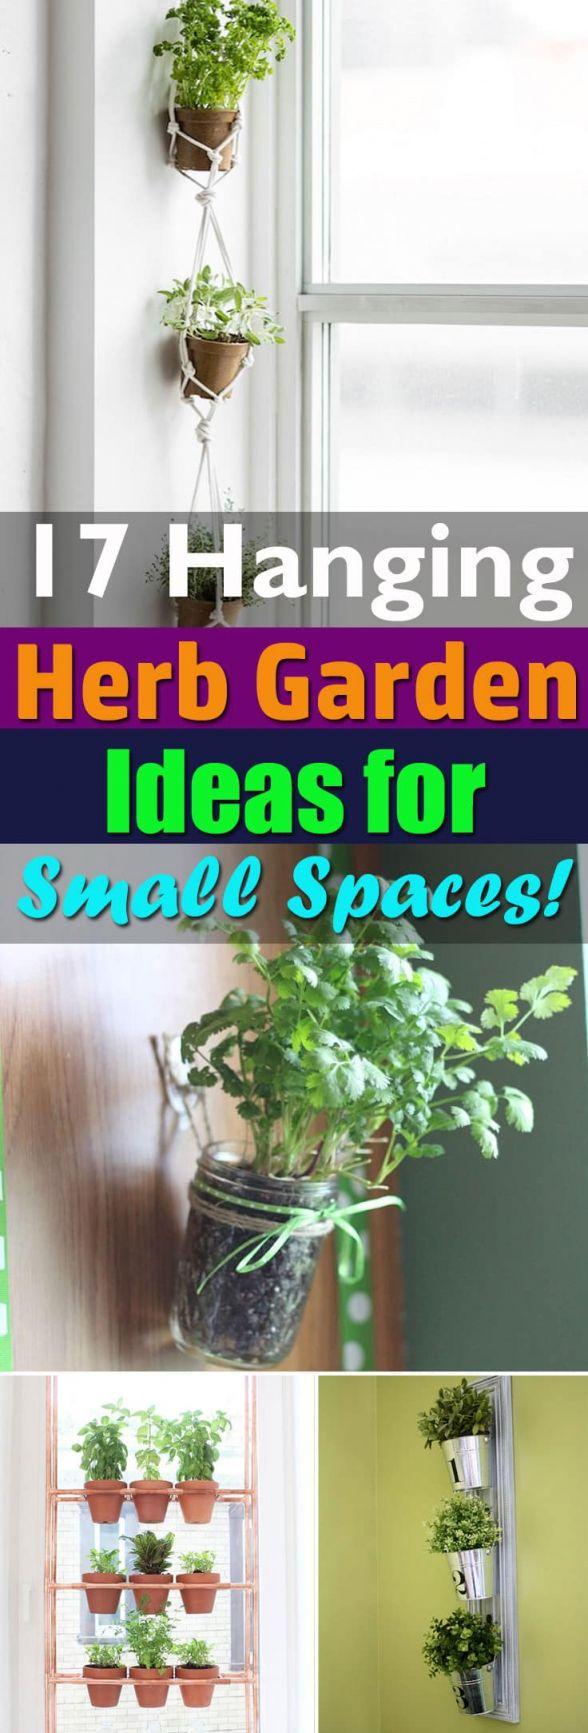 Nice indoor herb garden ideas